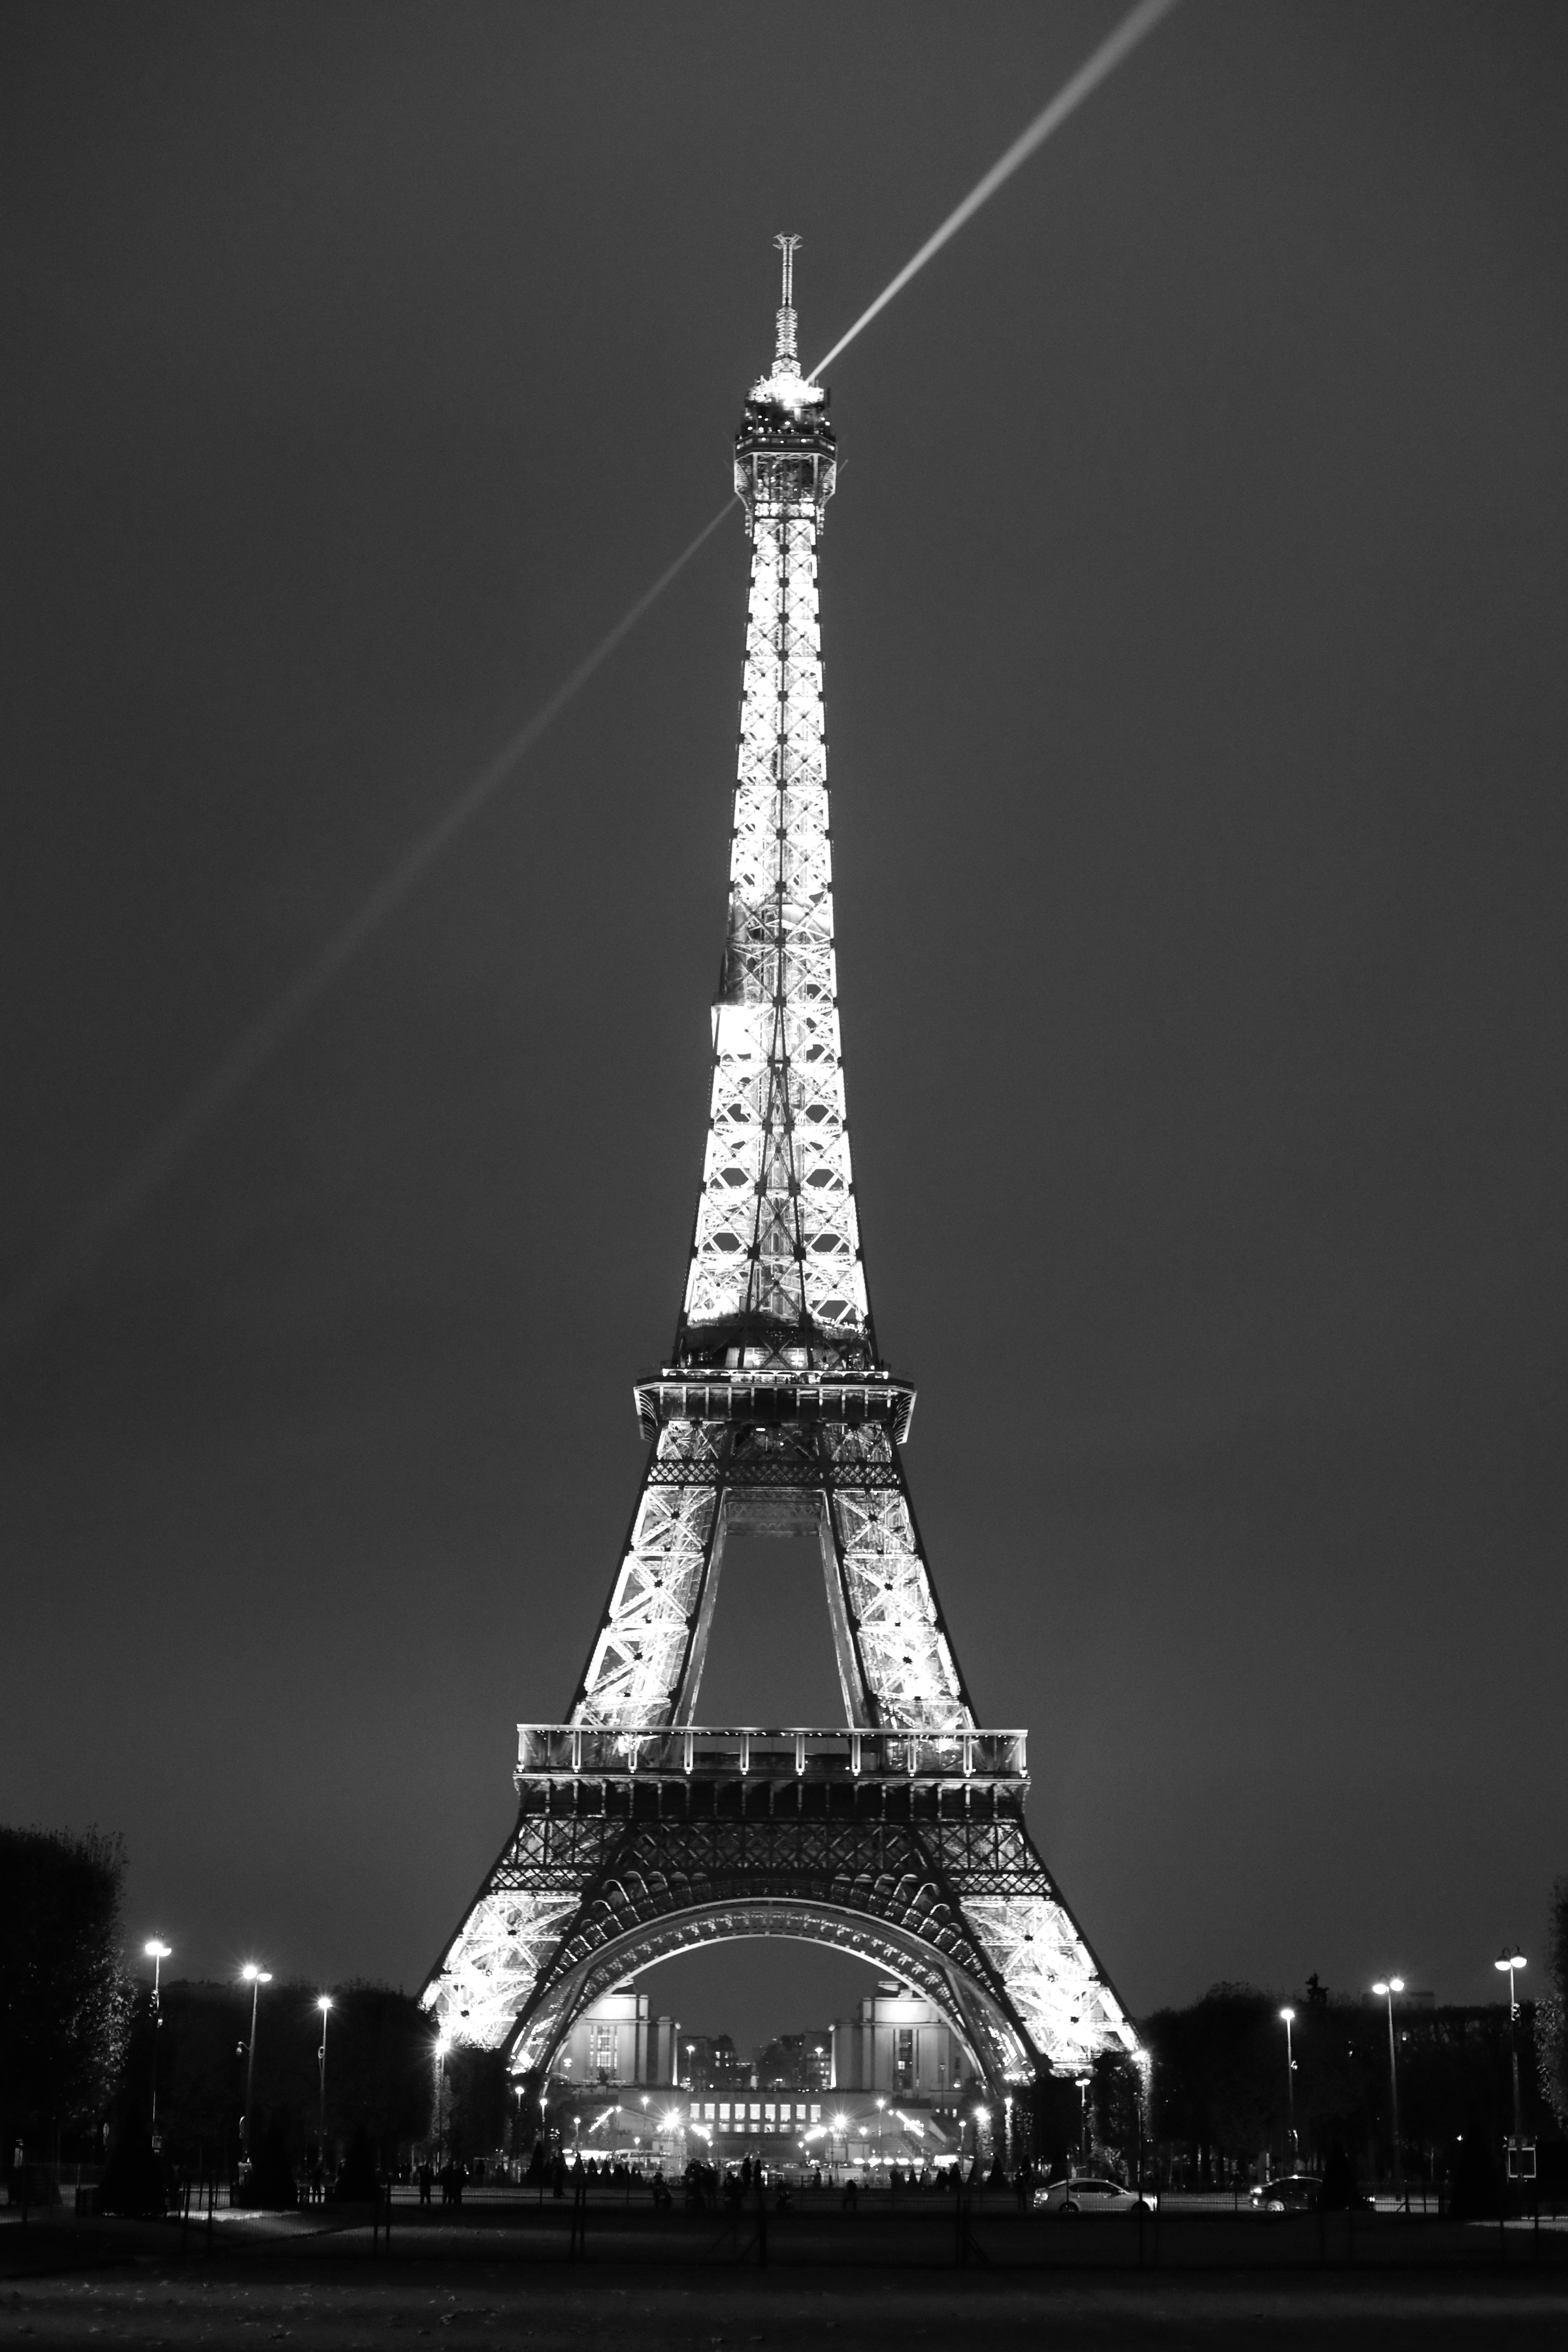 Eiffel Tower at Night   https://www.ebay.com/itm/263679792909?ssPageName=STRK:MESELX:IT&_trksid=p3984.m1555.l2649